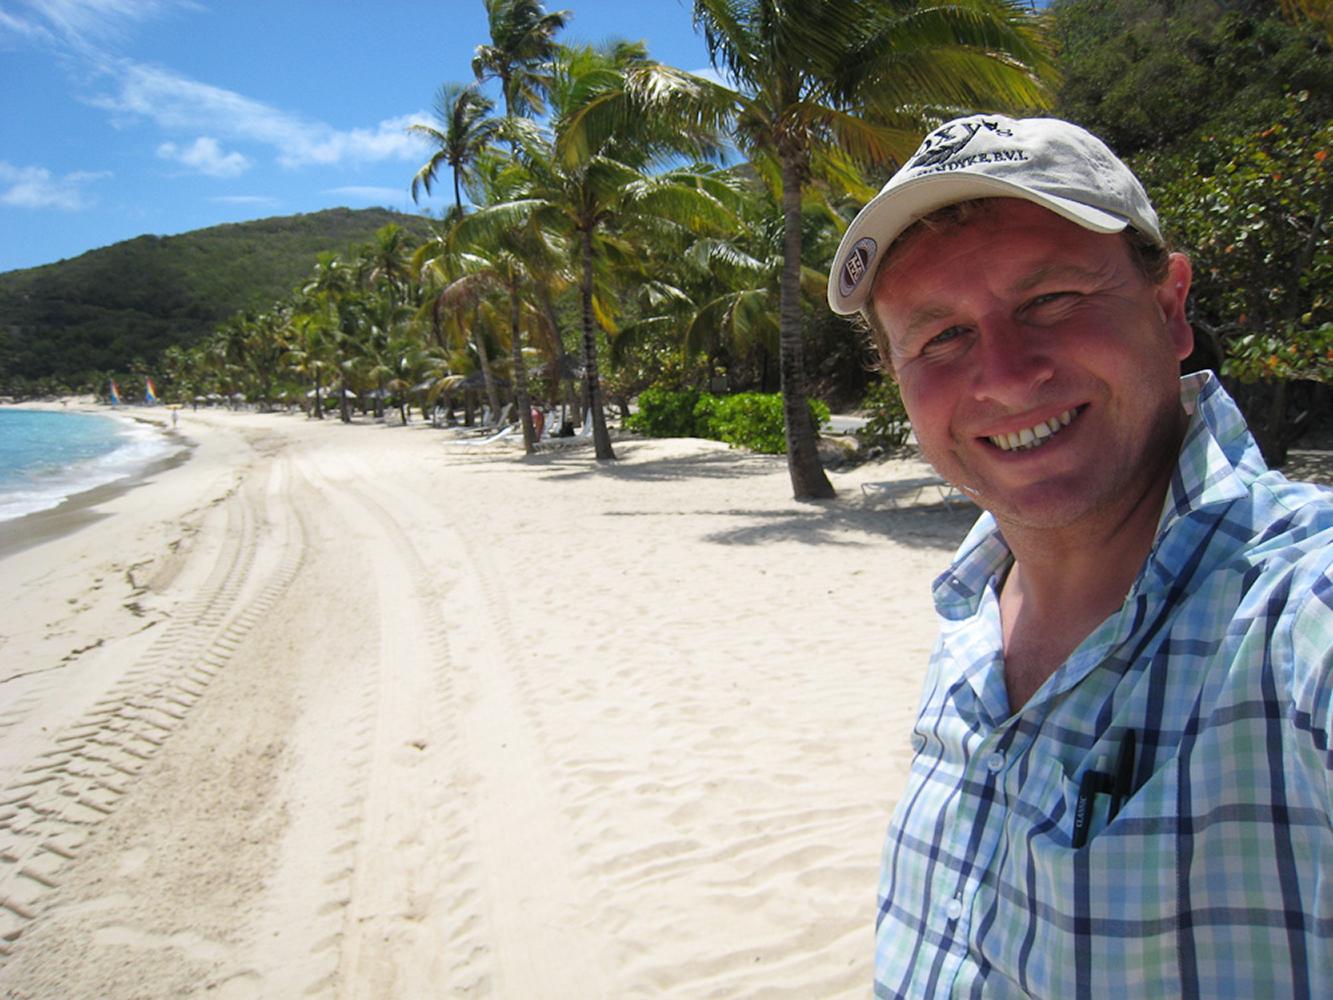 Peter Island, British Virgin Islands. Beautiful Deadmans beach